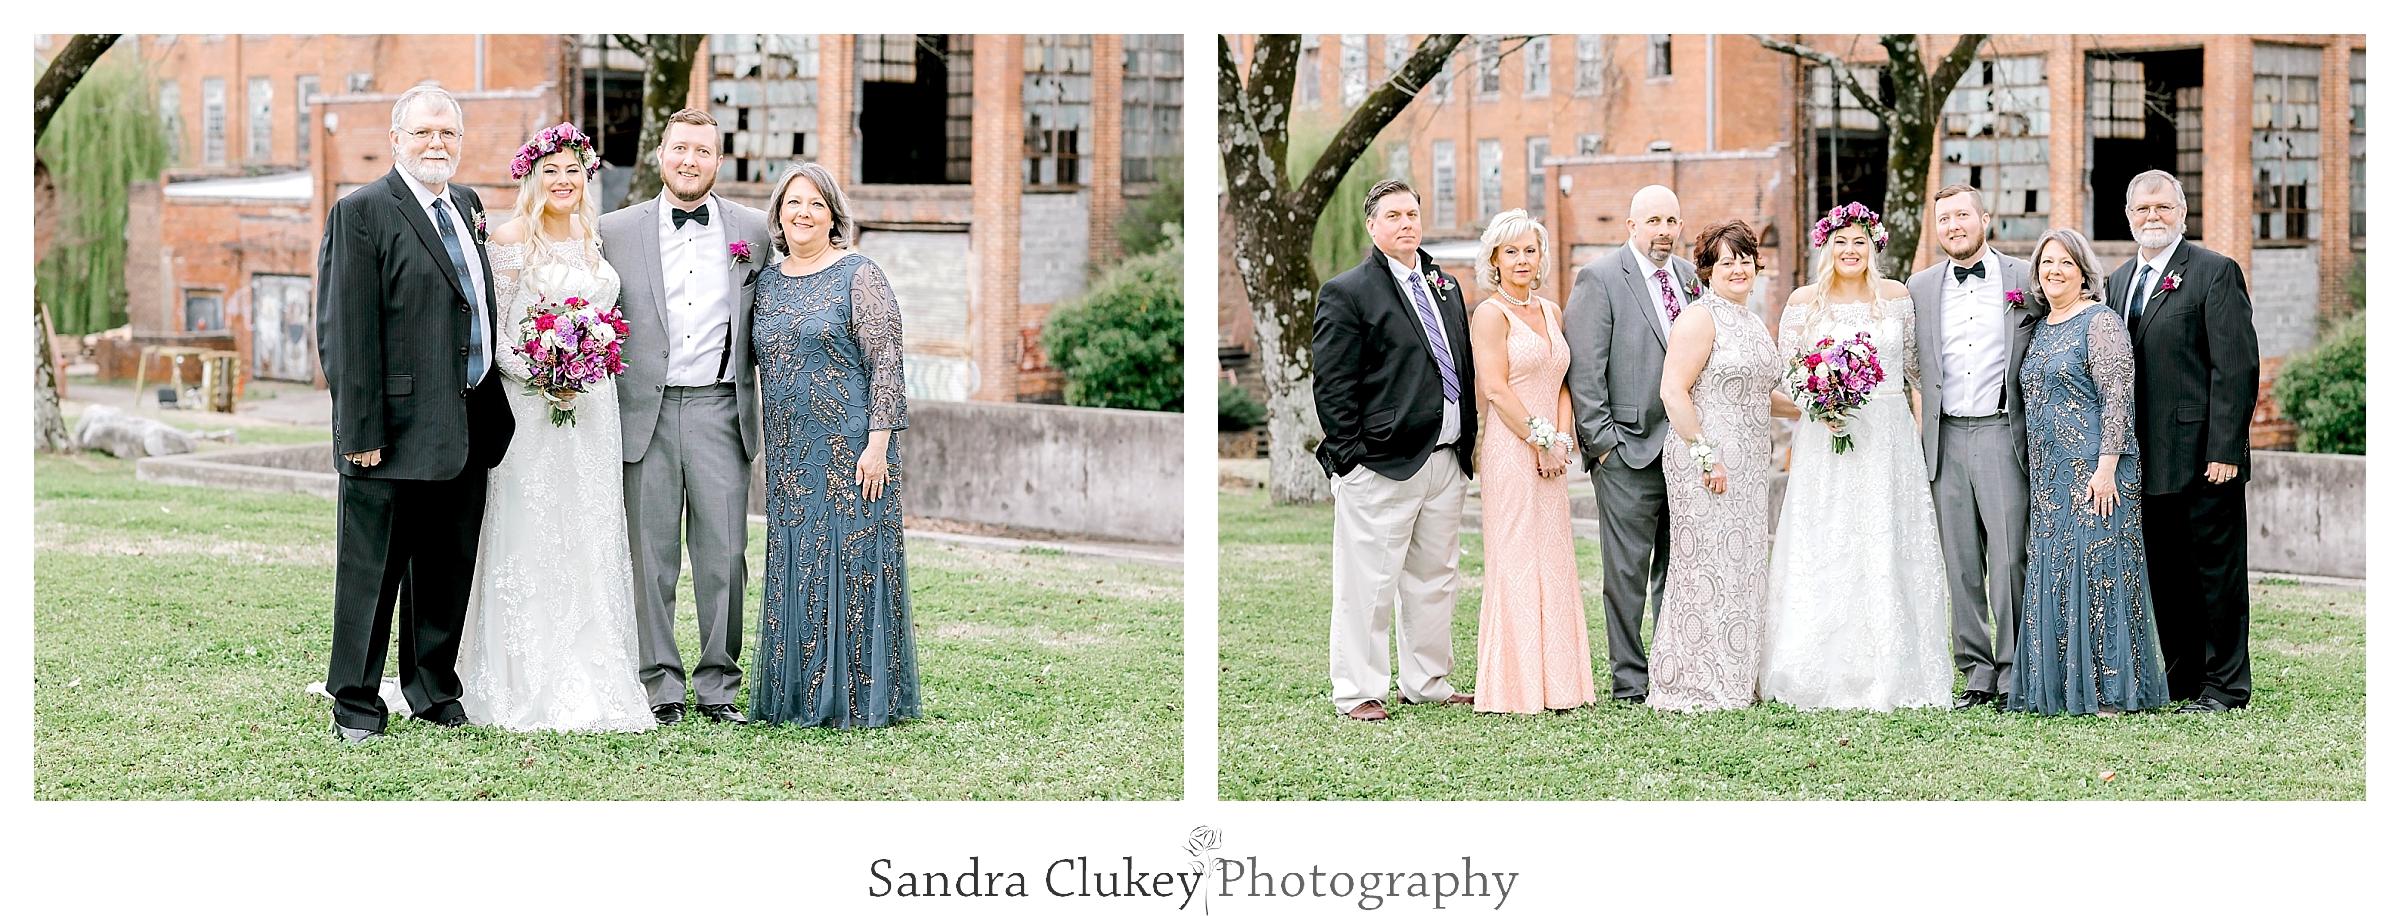 Sandra Clukey Photography_1527.jpg